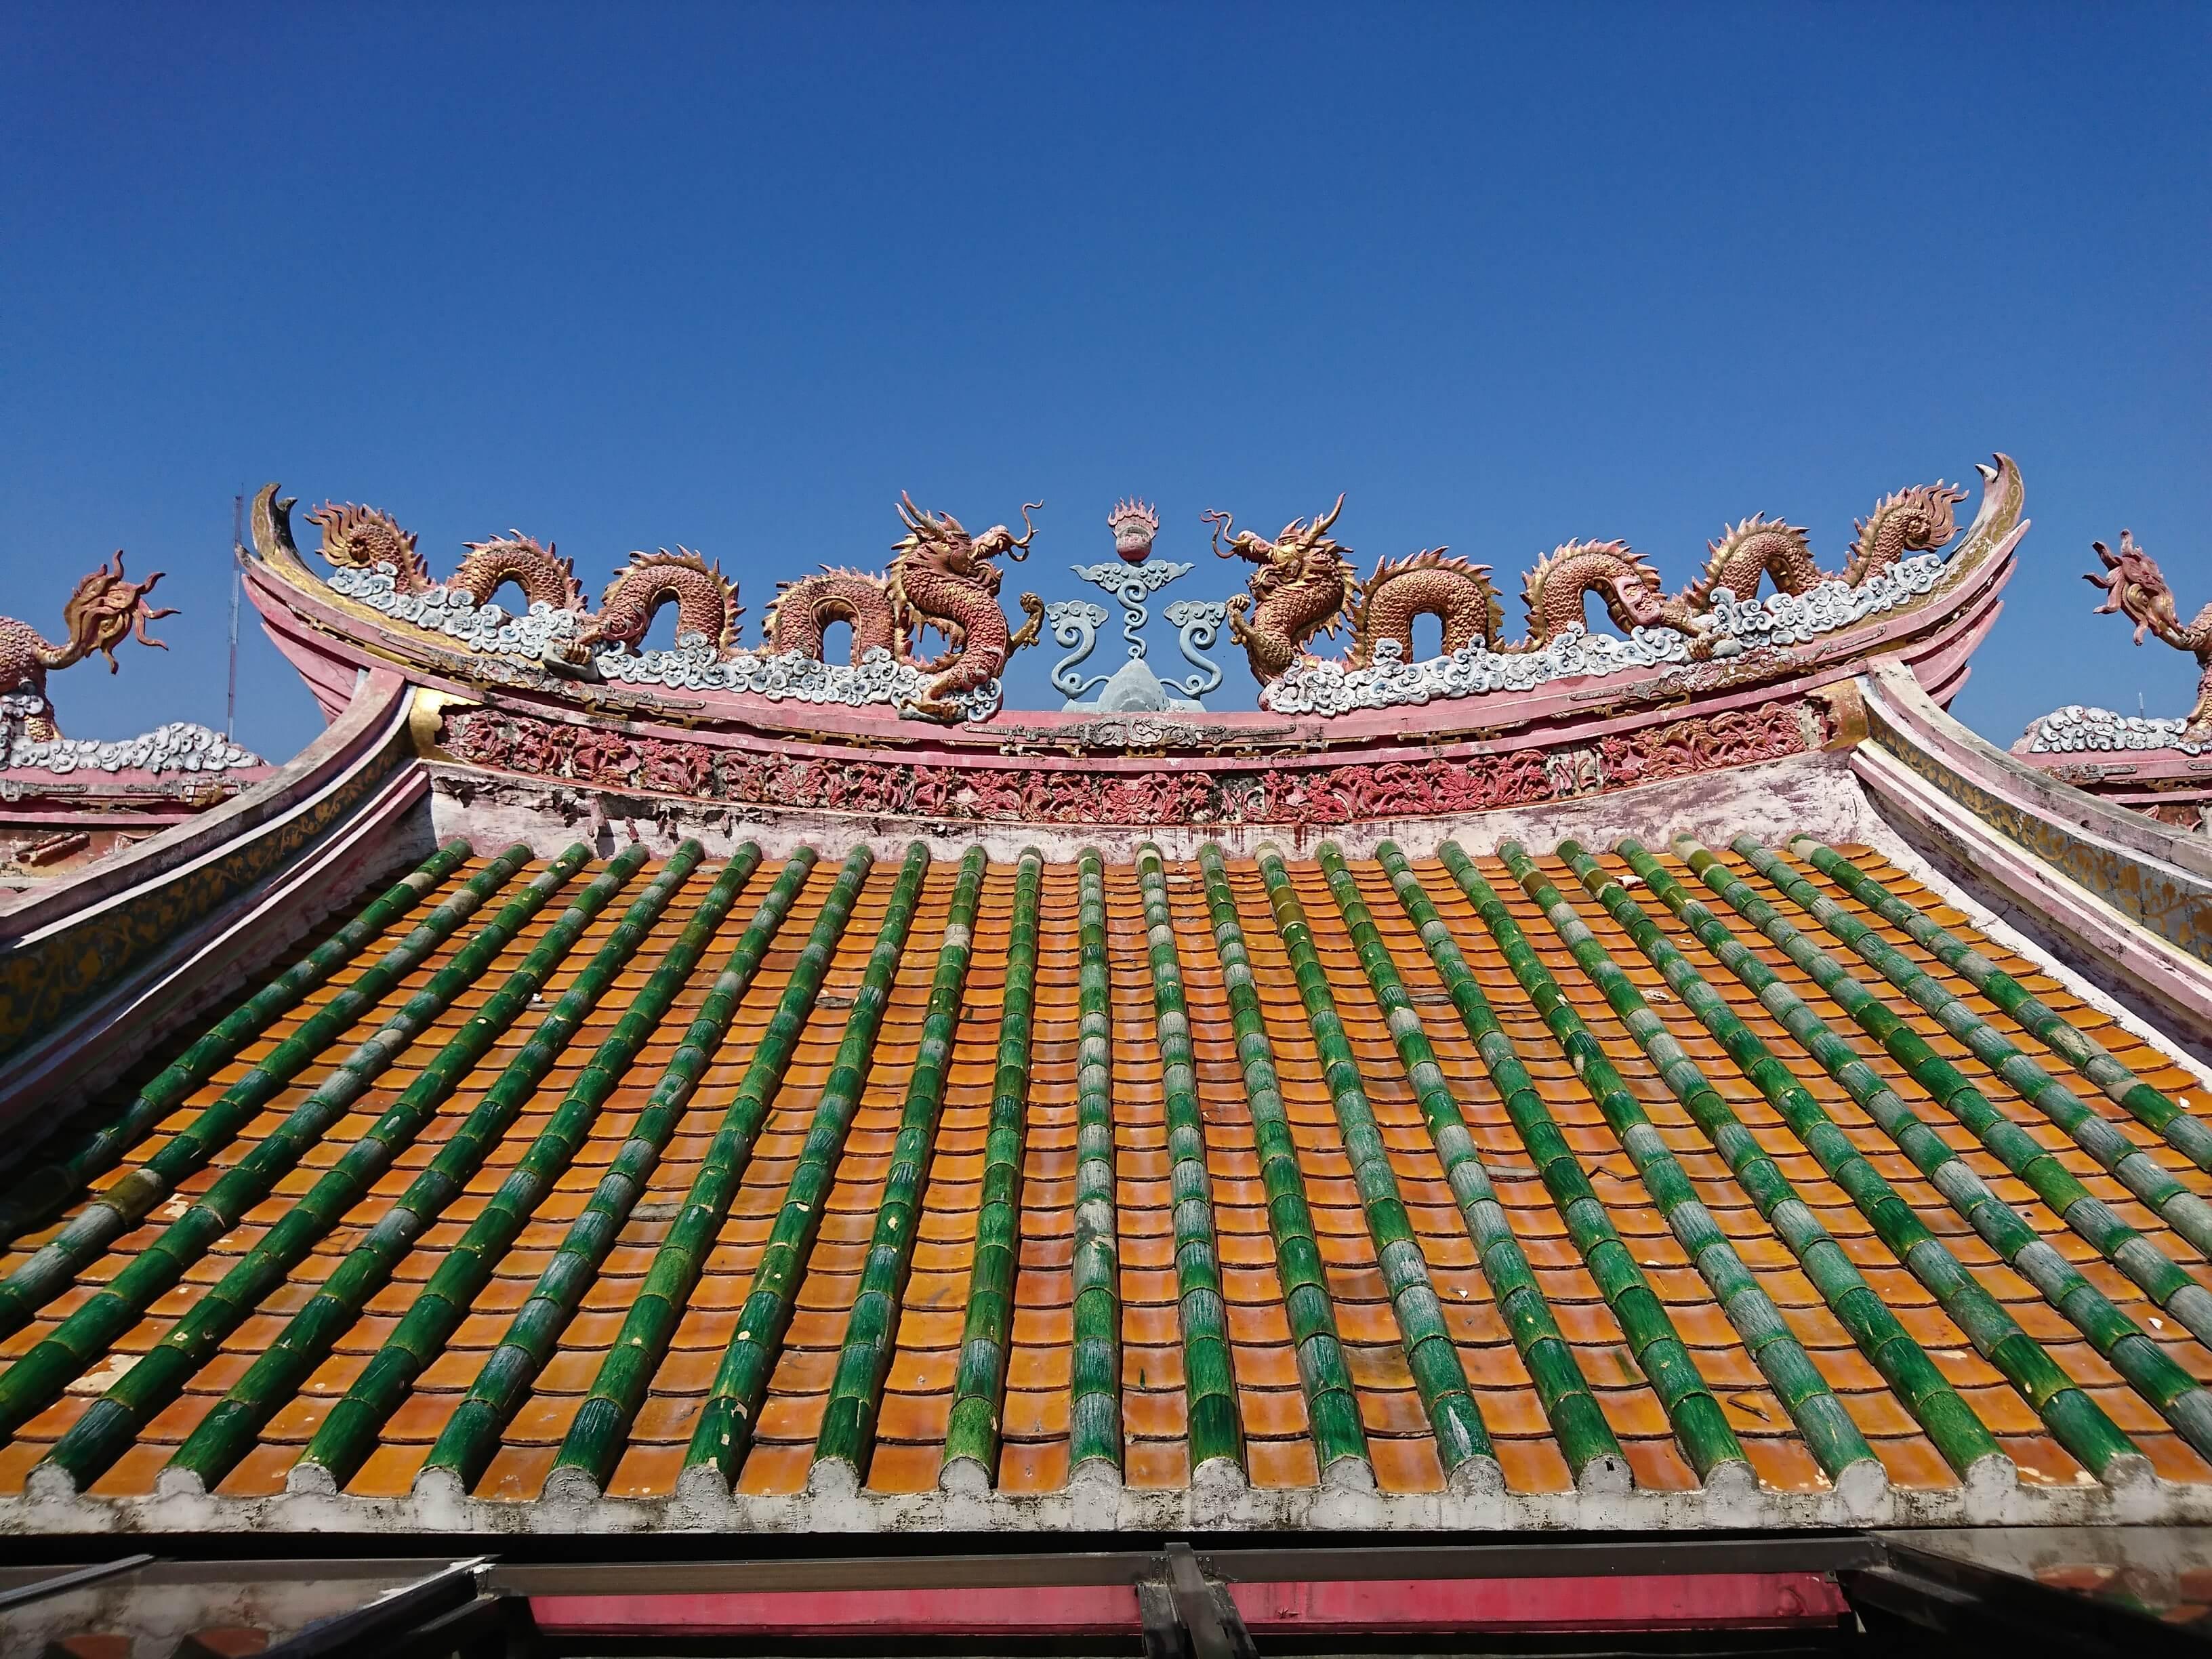 ワットパナンチューン(Wat Panan Choen)/ 世界遺産アユタヤで、最大クラスの黄金の仏像が圧巻の現存寺院